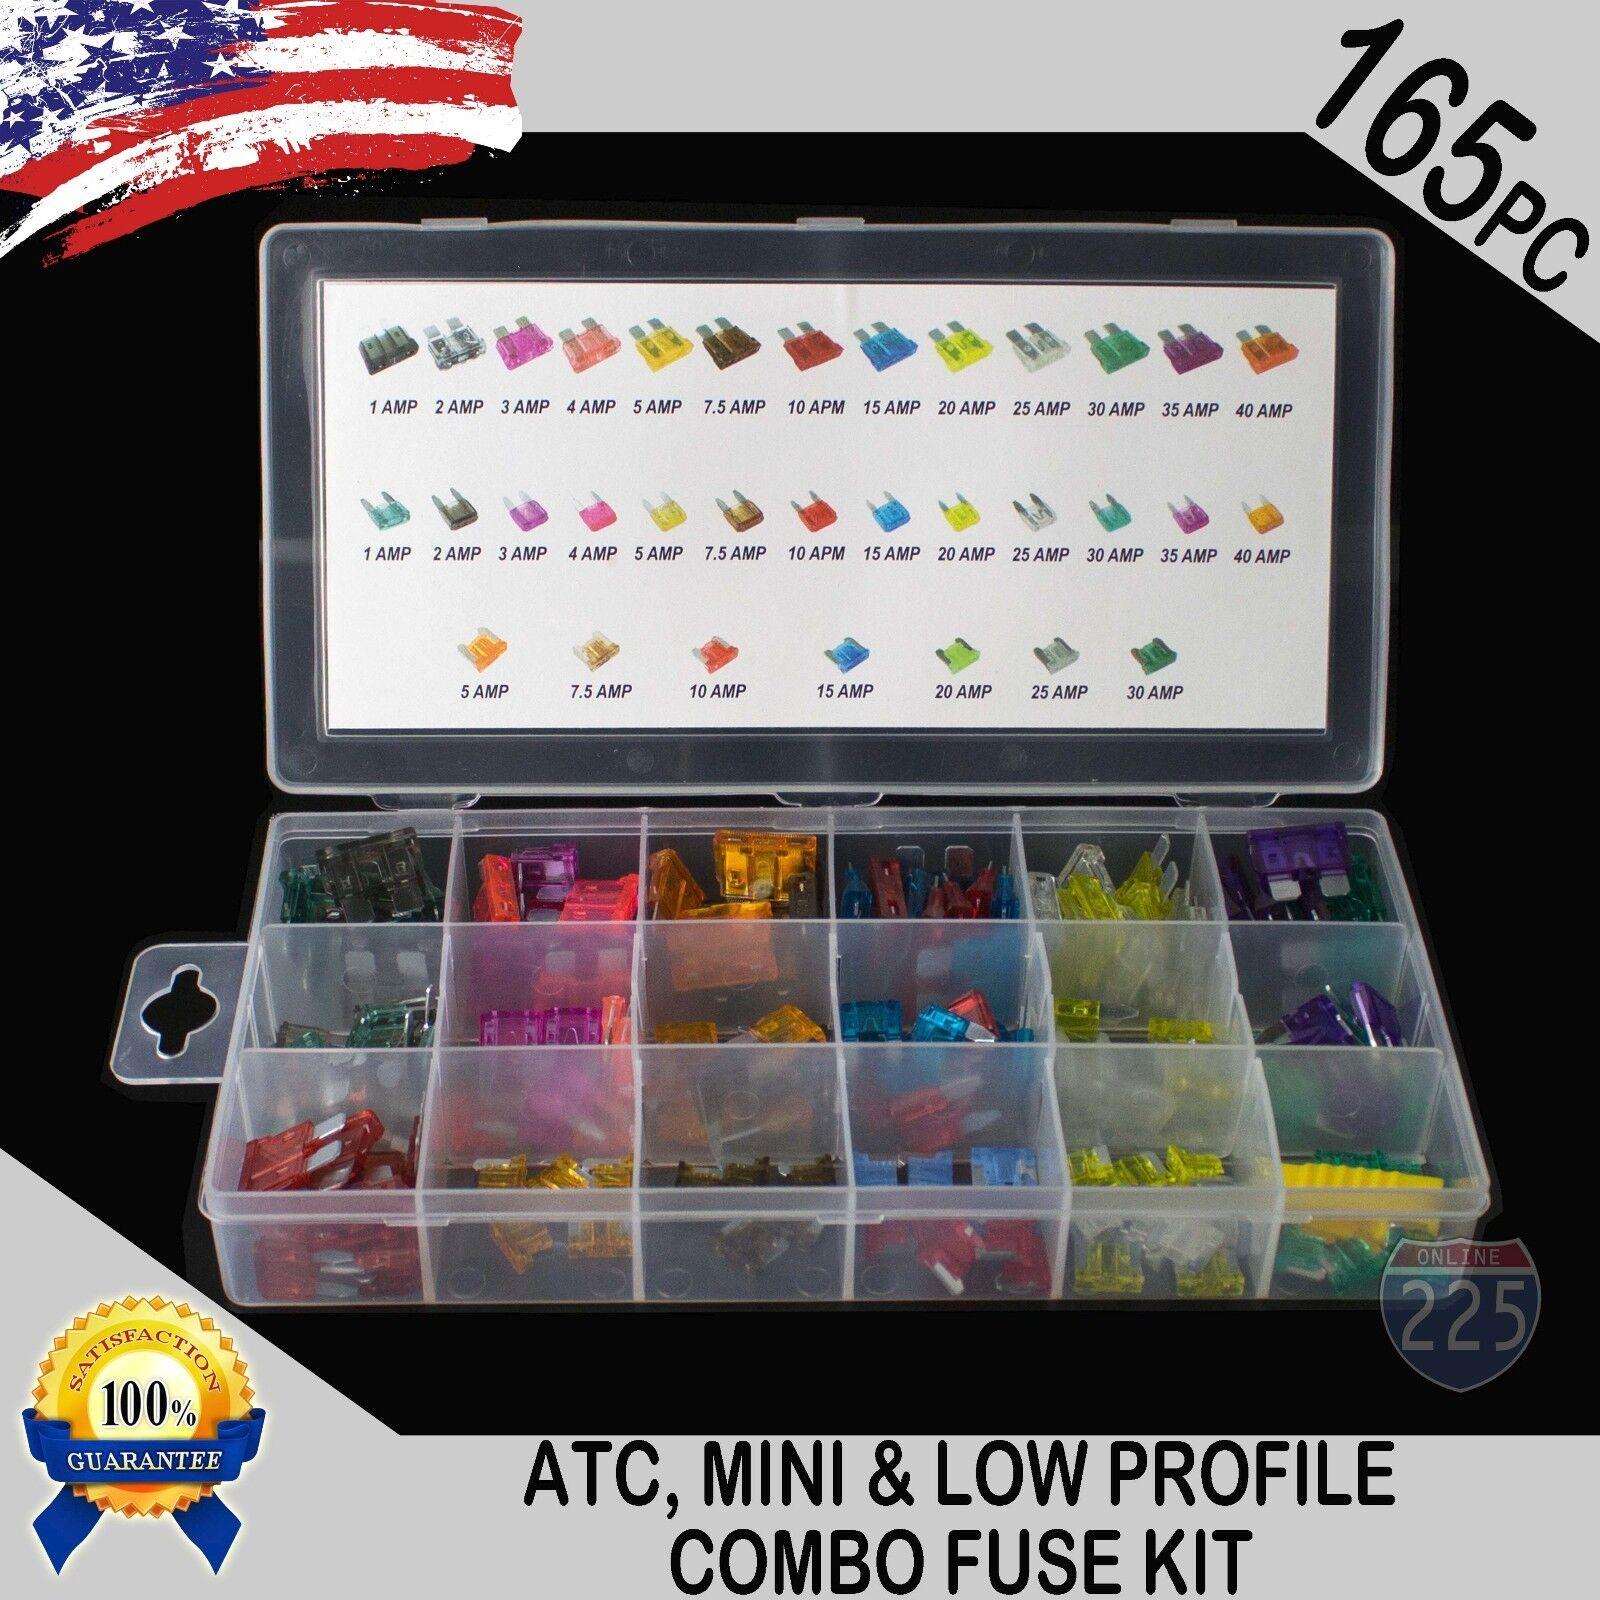 165pcs Auto Business Mini ATM APM Low Profile ATC APR Blade Fuses Assortment Kit